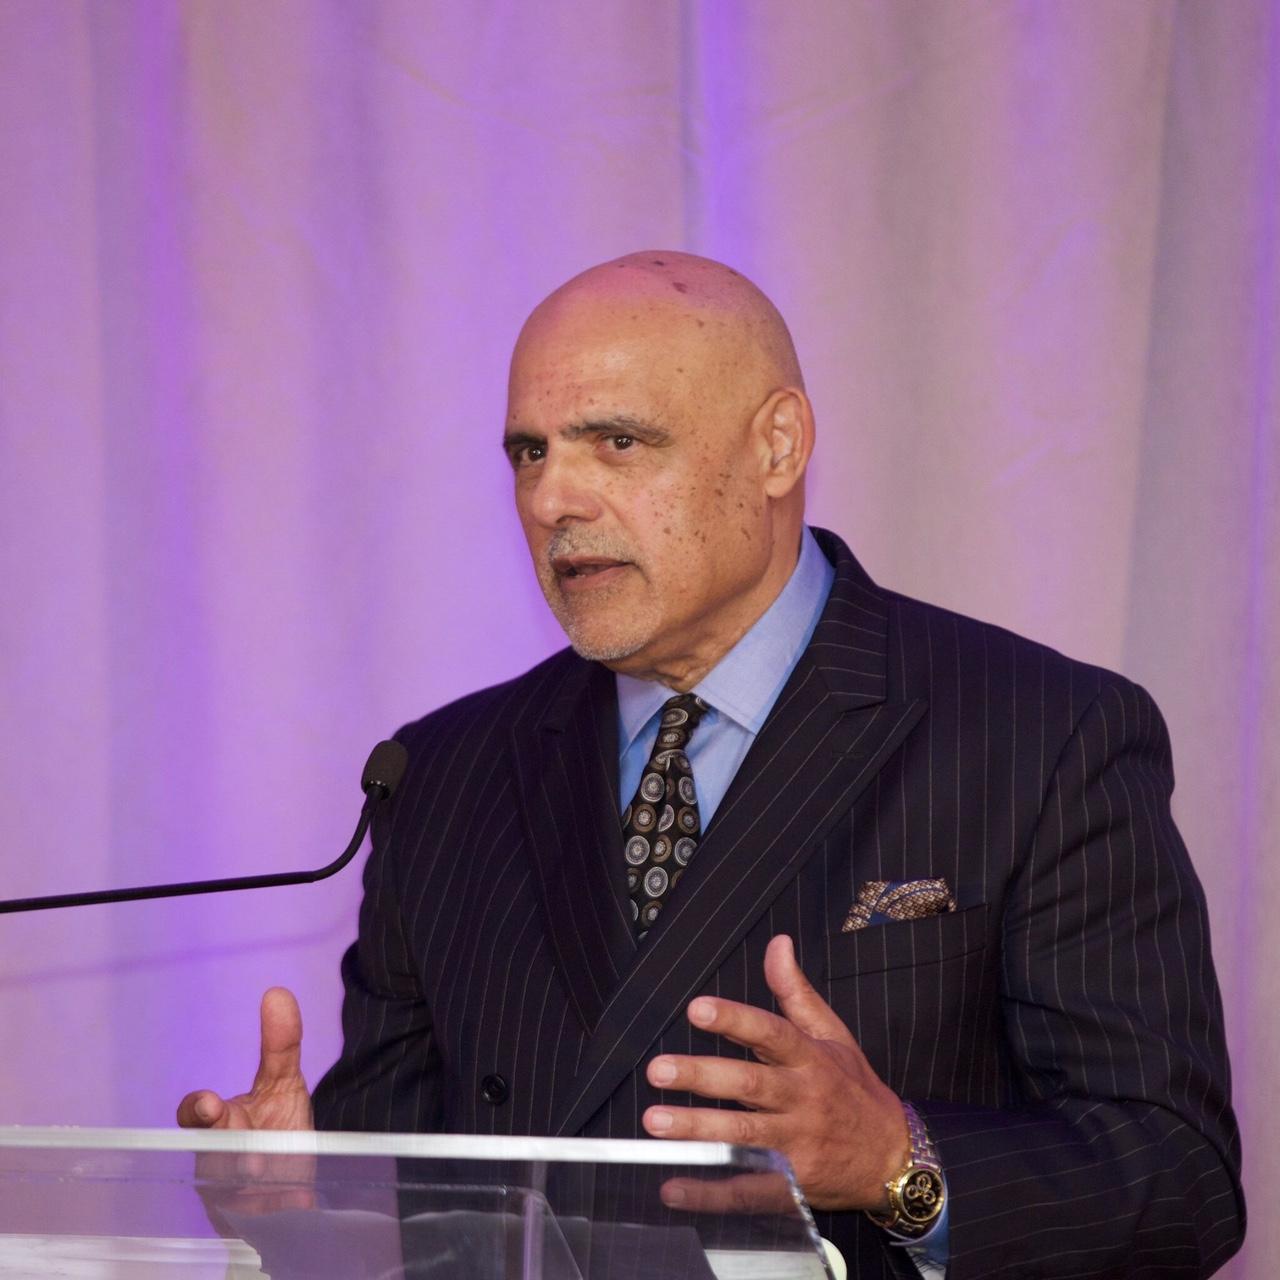 Dr. Adel Eldahmy